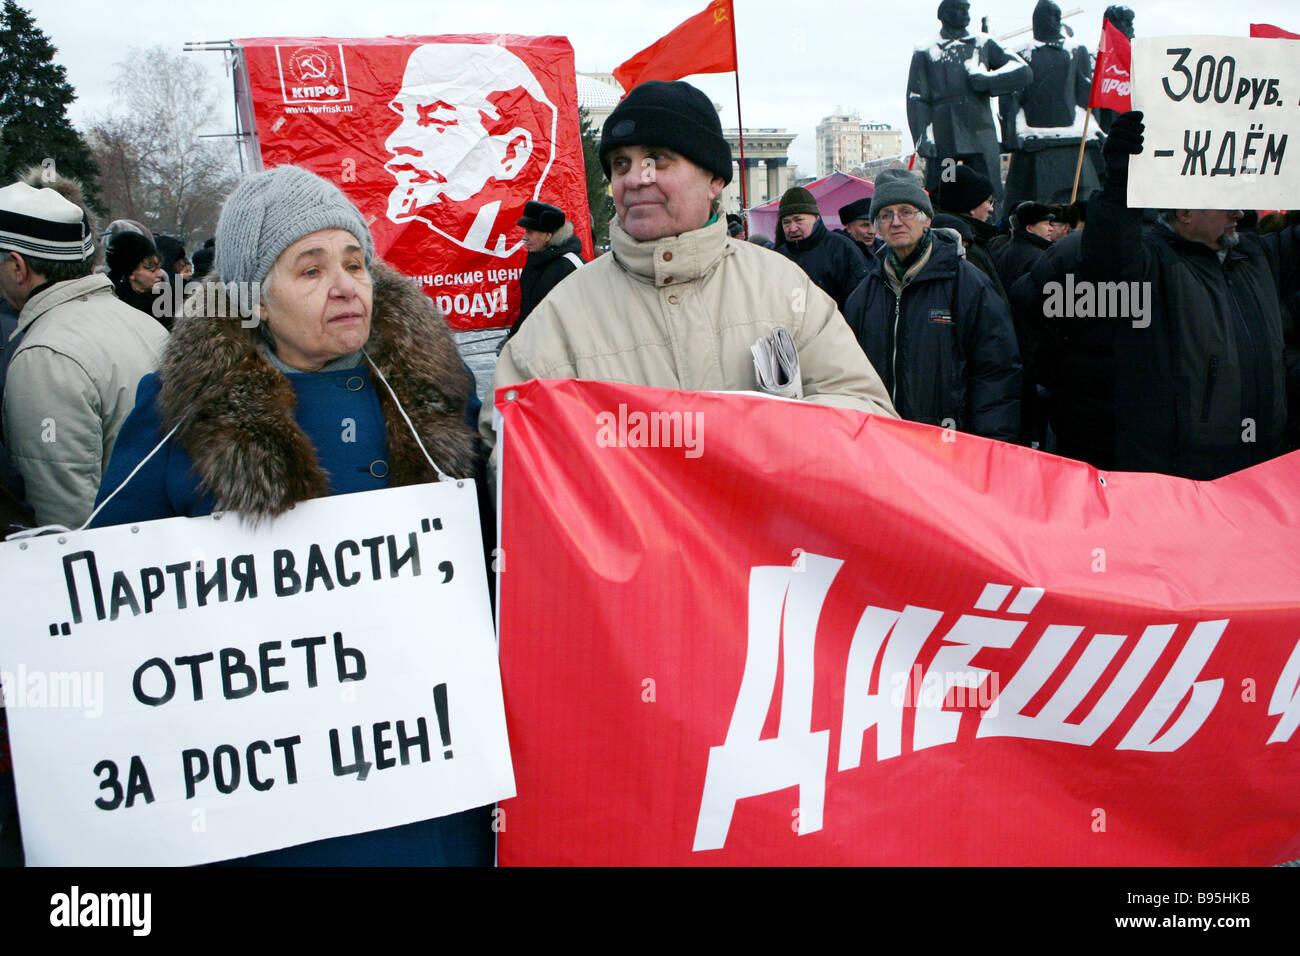 Kommunistische Partei Anhänger Rallye in Nowosibirsk Stockbild